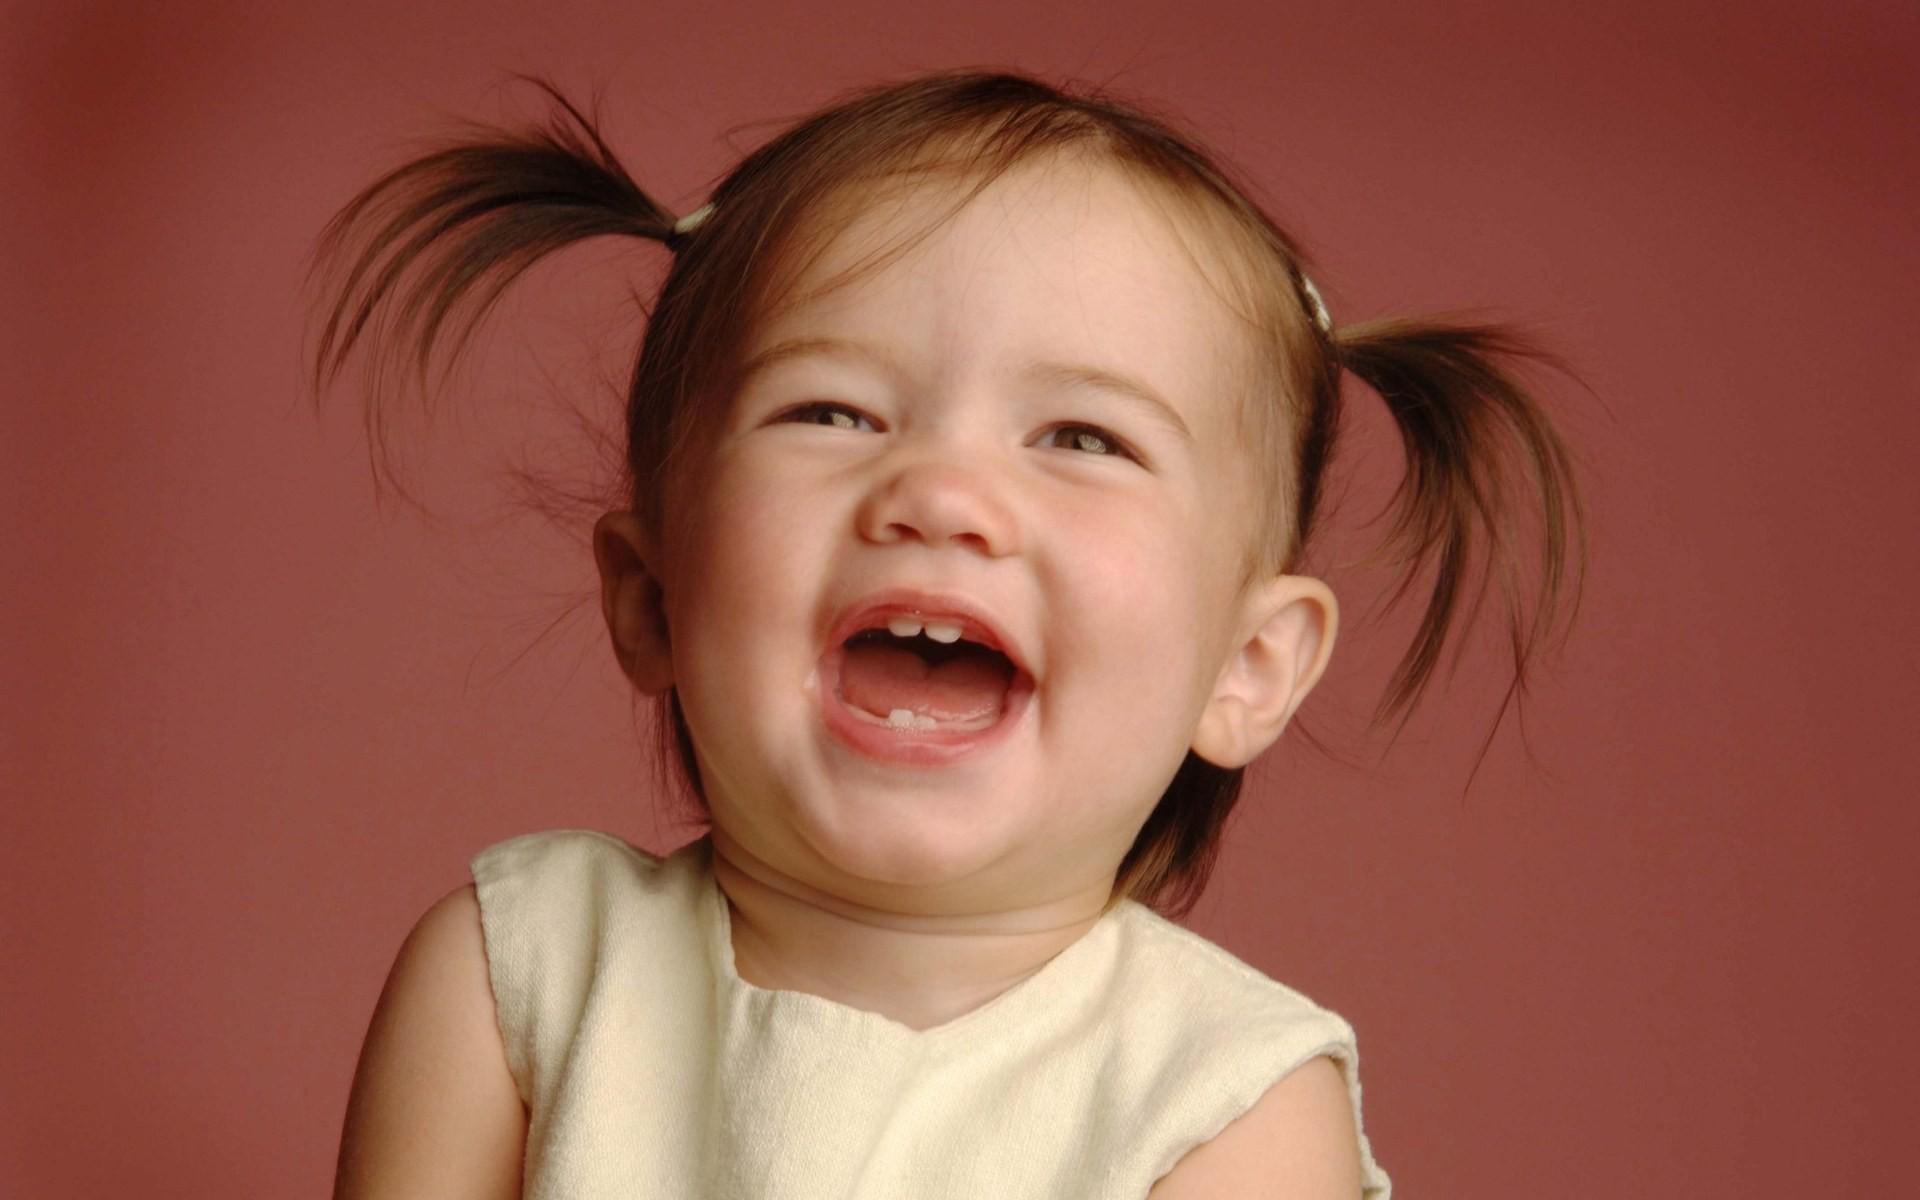 Прикольные фото детей с улыбкой